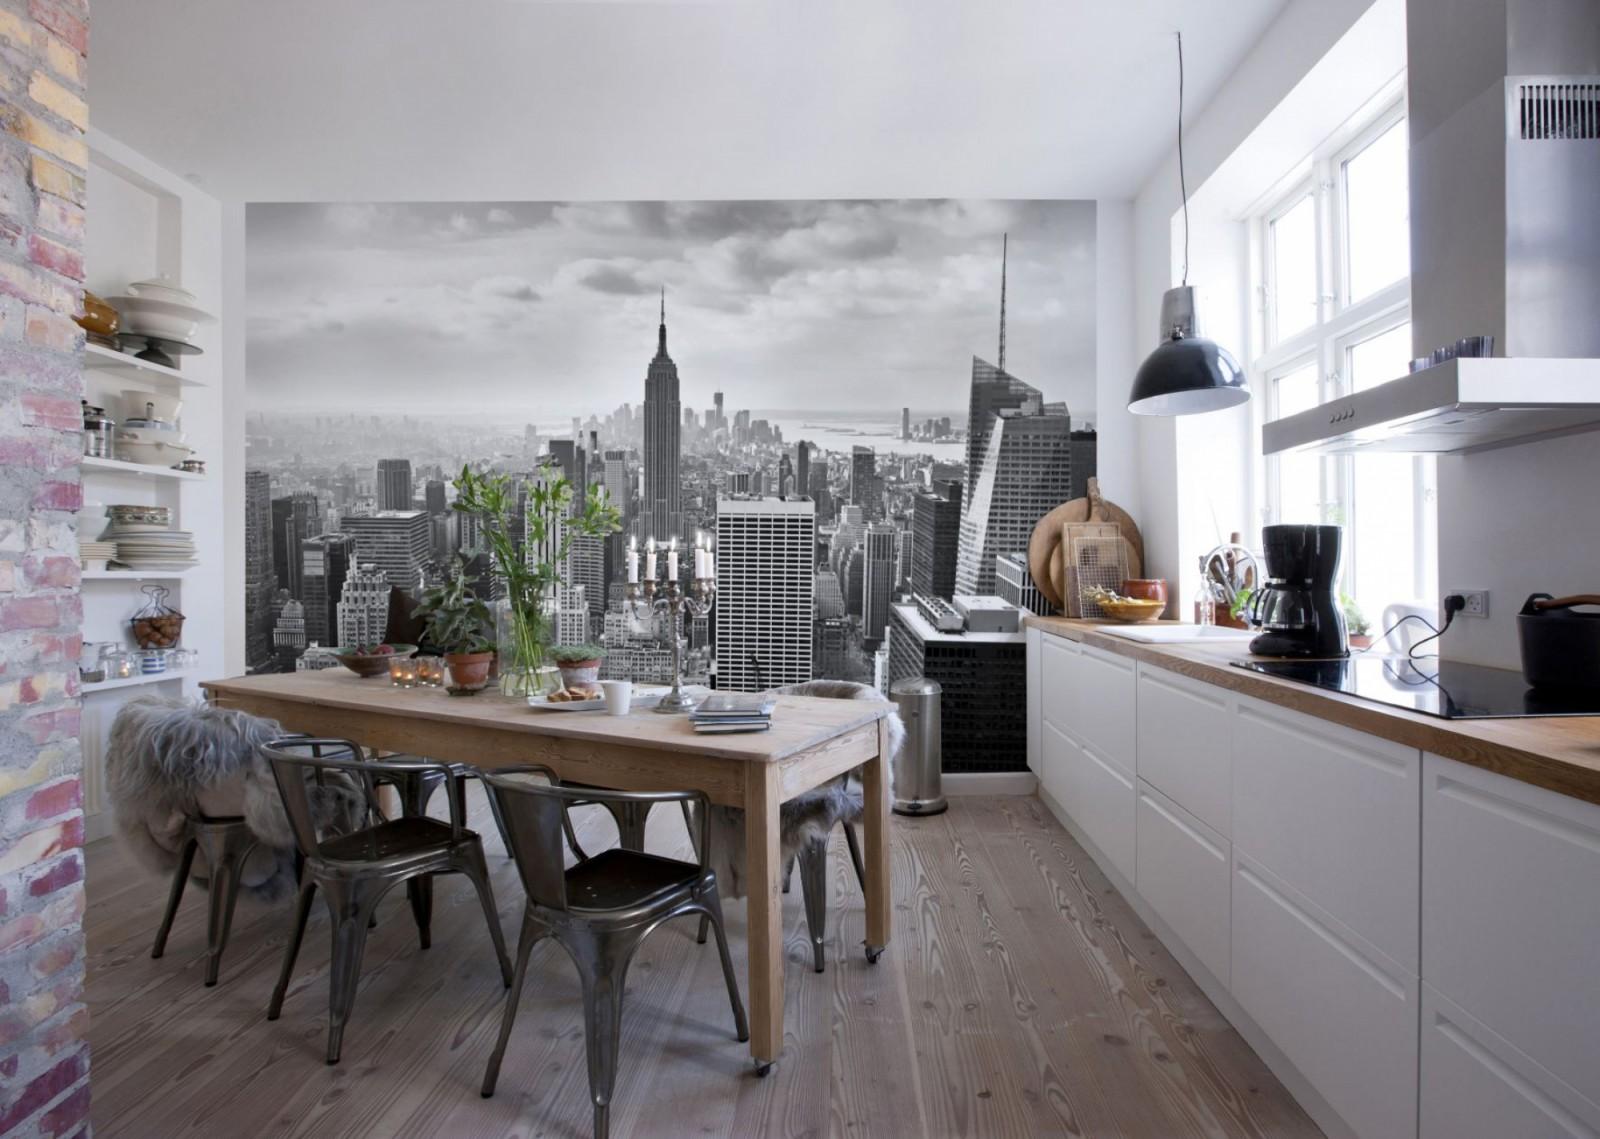 Фотообои в виде города на кухне